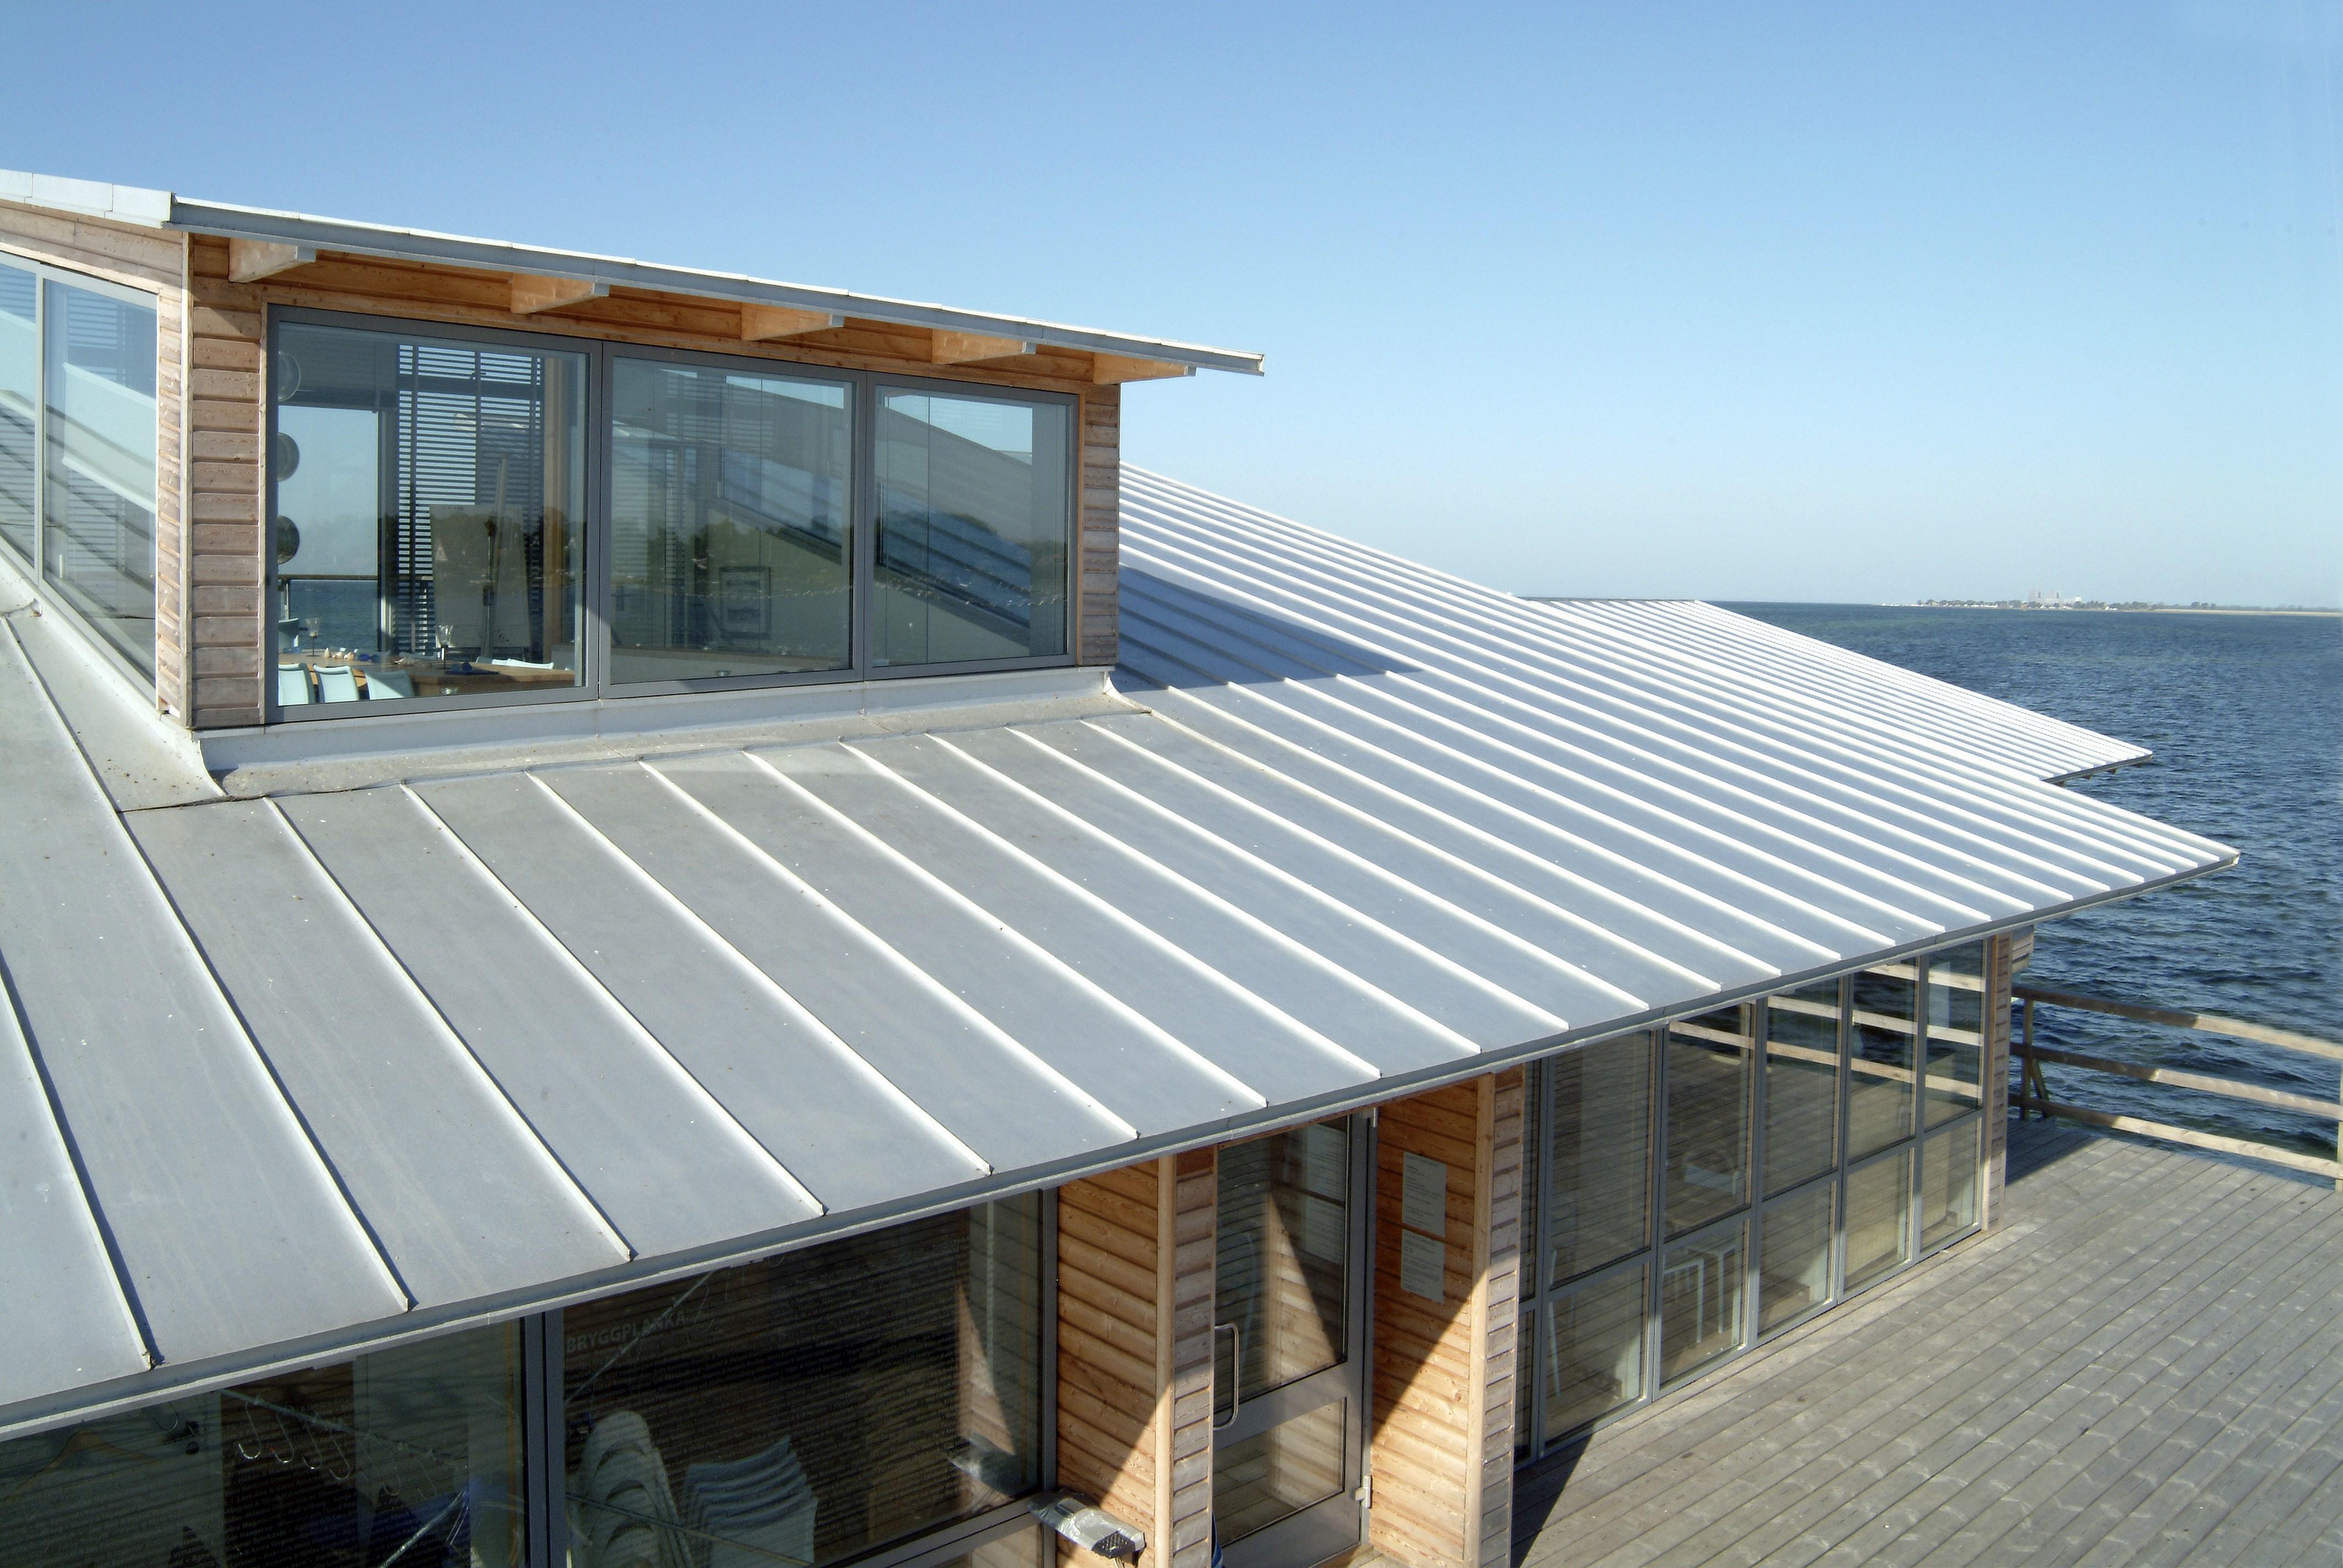 rangka baja ringan pakai genteng tanah apa itu atap spandek kenali kelebihan dan kekurangannya